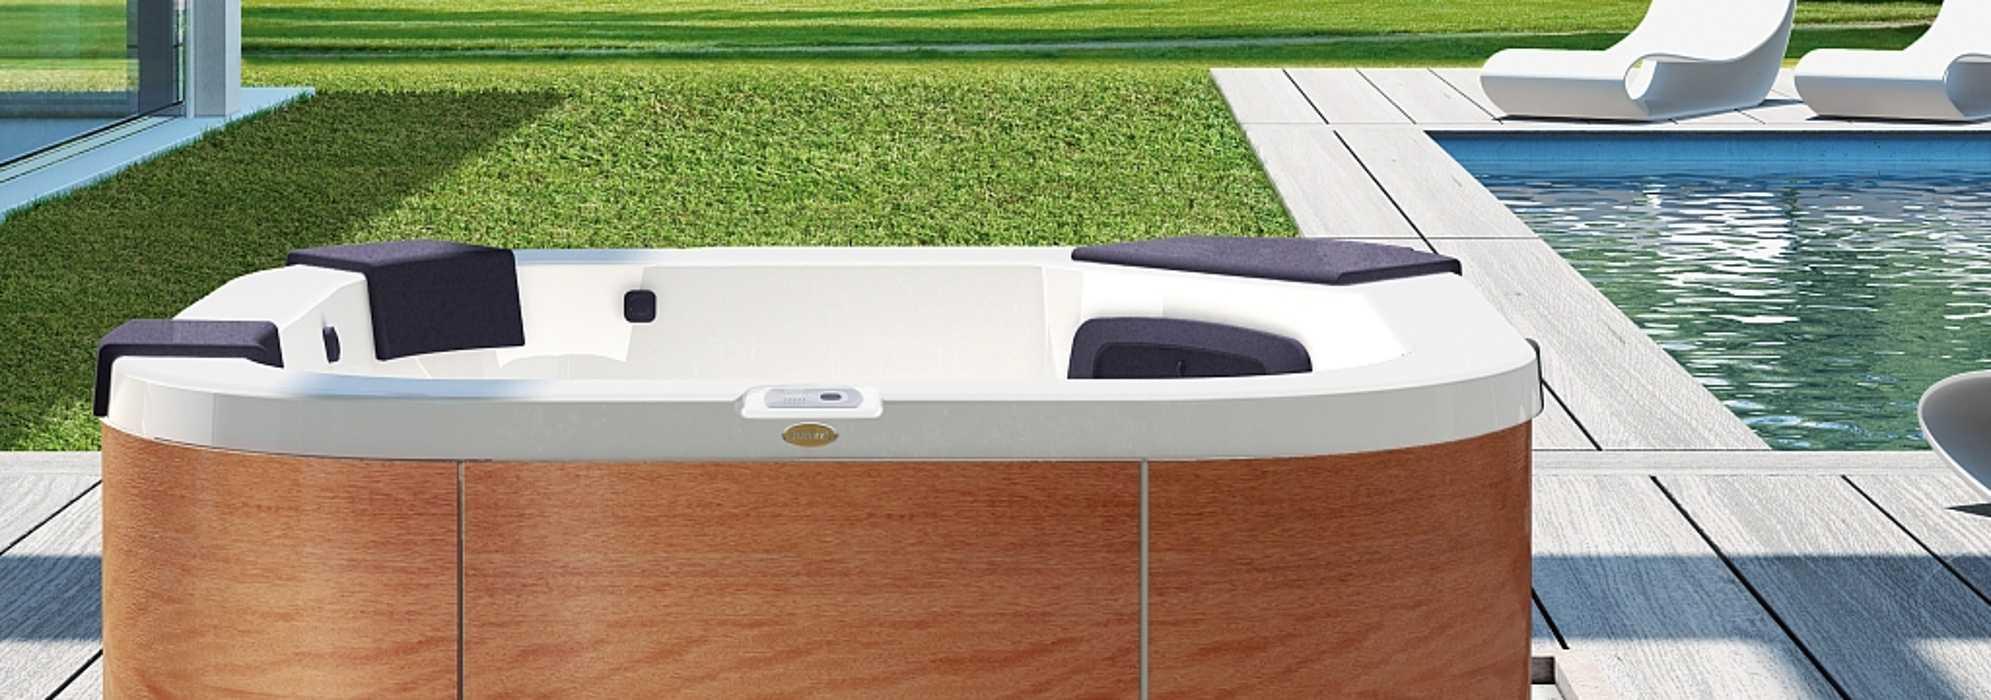 Jacuzzi® Delfi : Spa design 4 Places 0